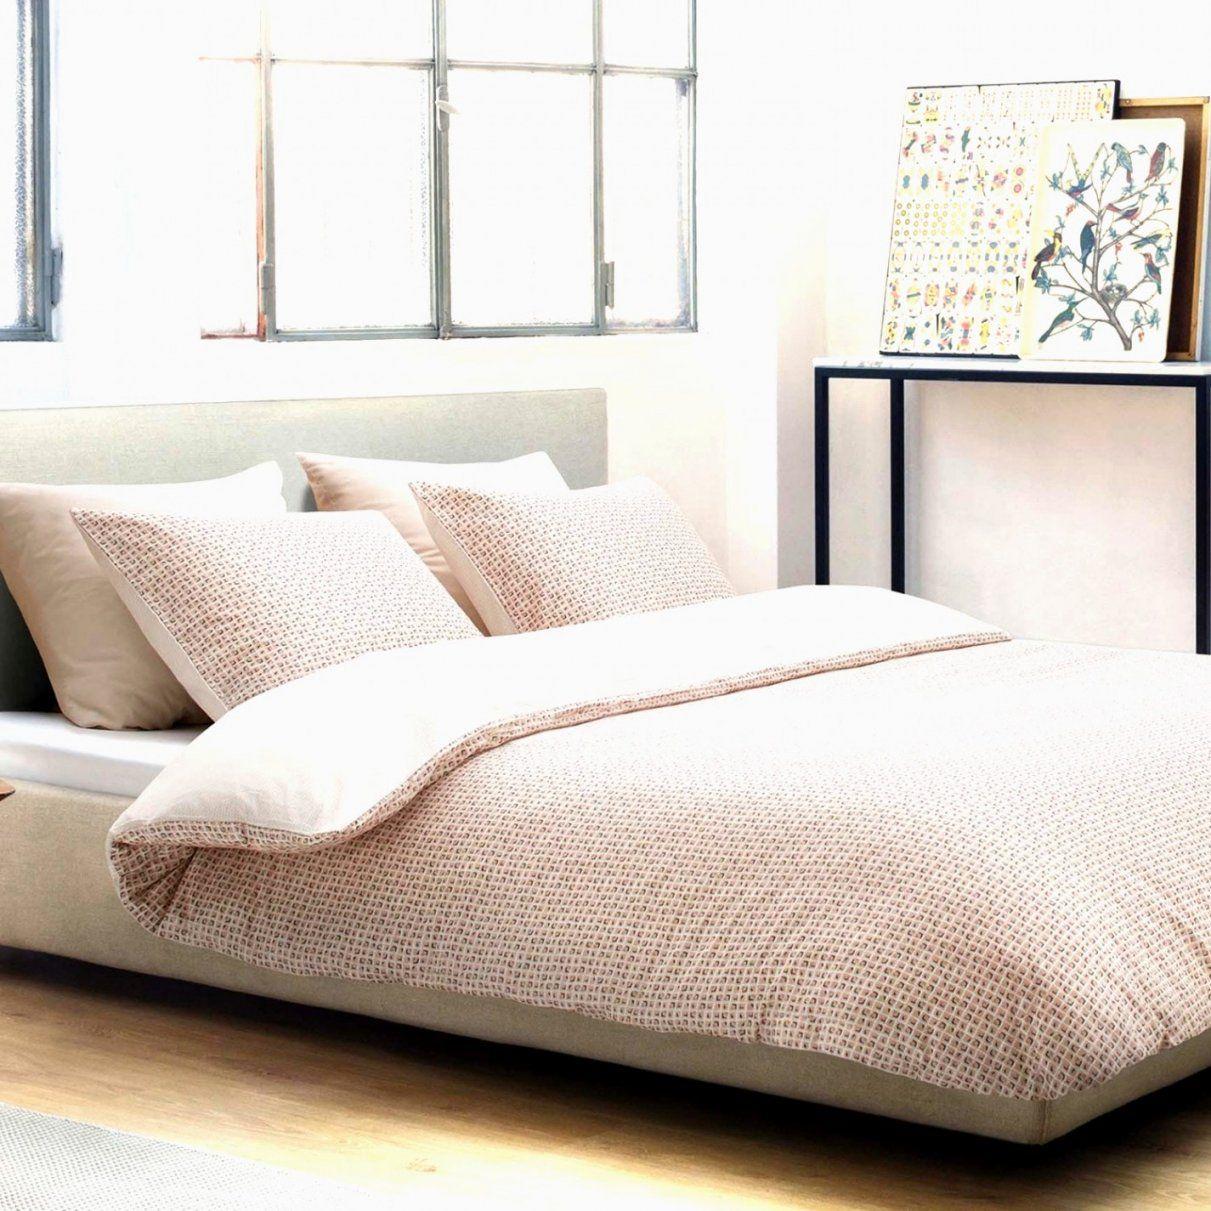 Schön Bettwäsche Günstig Online Kaufen Ikea Zum Bettwäsche von Leinen Bettwäsche Ikea Photo